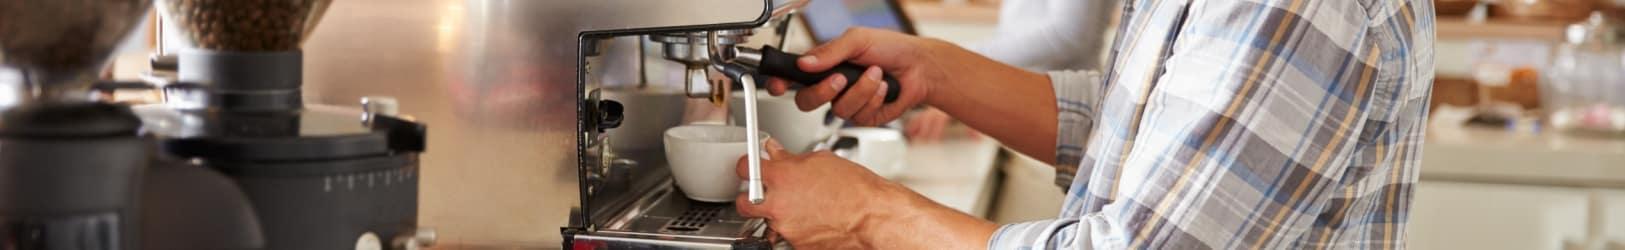 Emploi de serveur dans un café d'Australie lors de votre VVT Australie